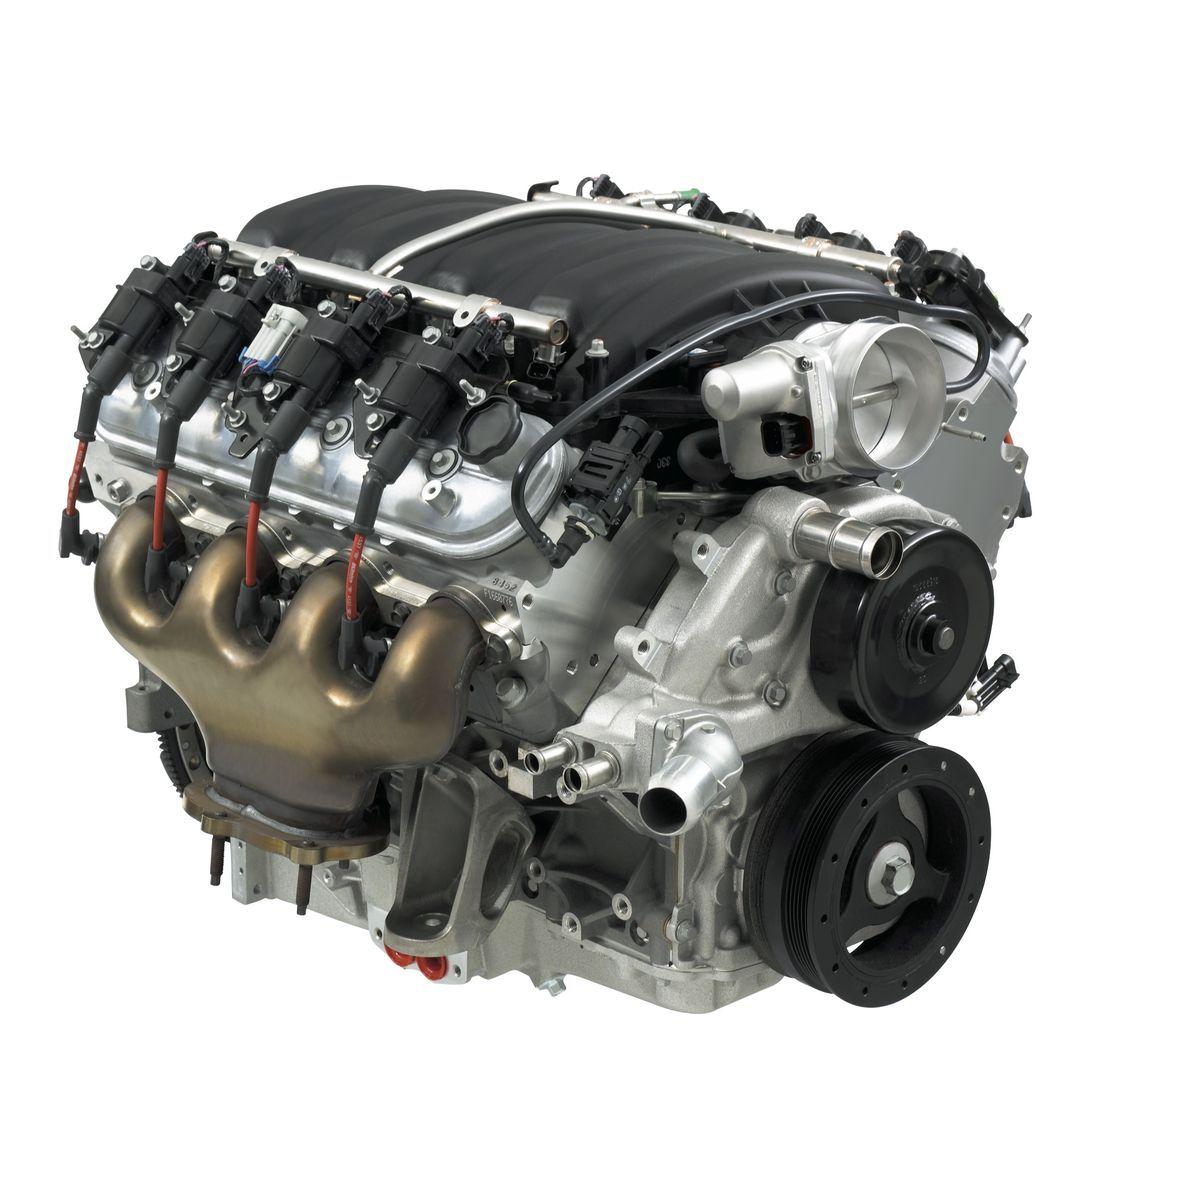 Chevrolet  | LS7 7.0L